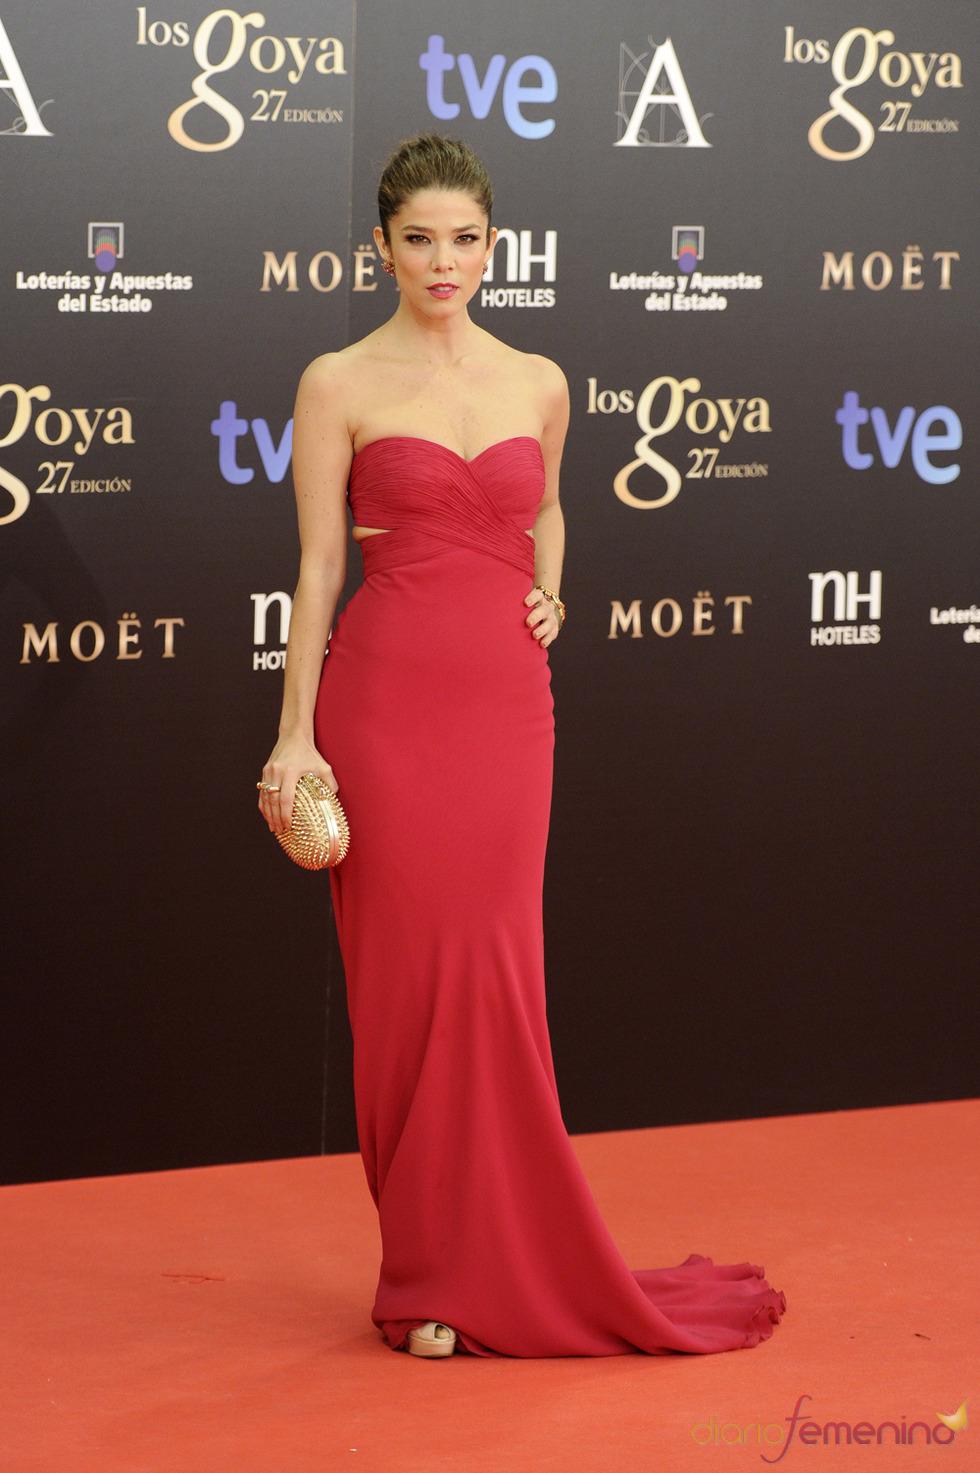 Juana Acosta en la alfombra roja de los Goya 2013